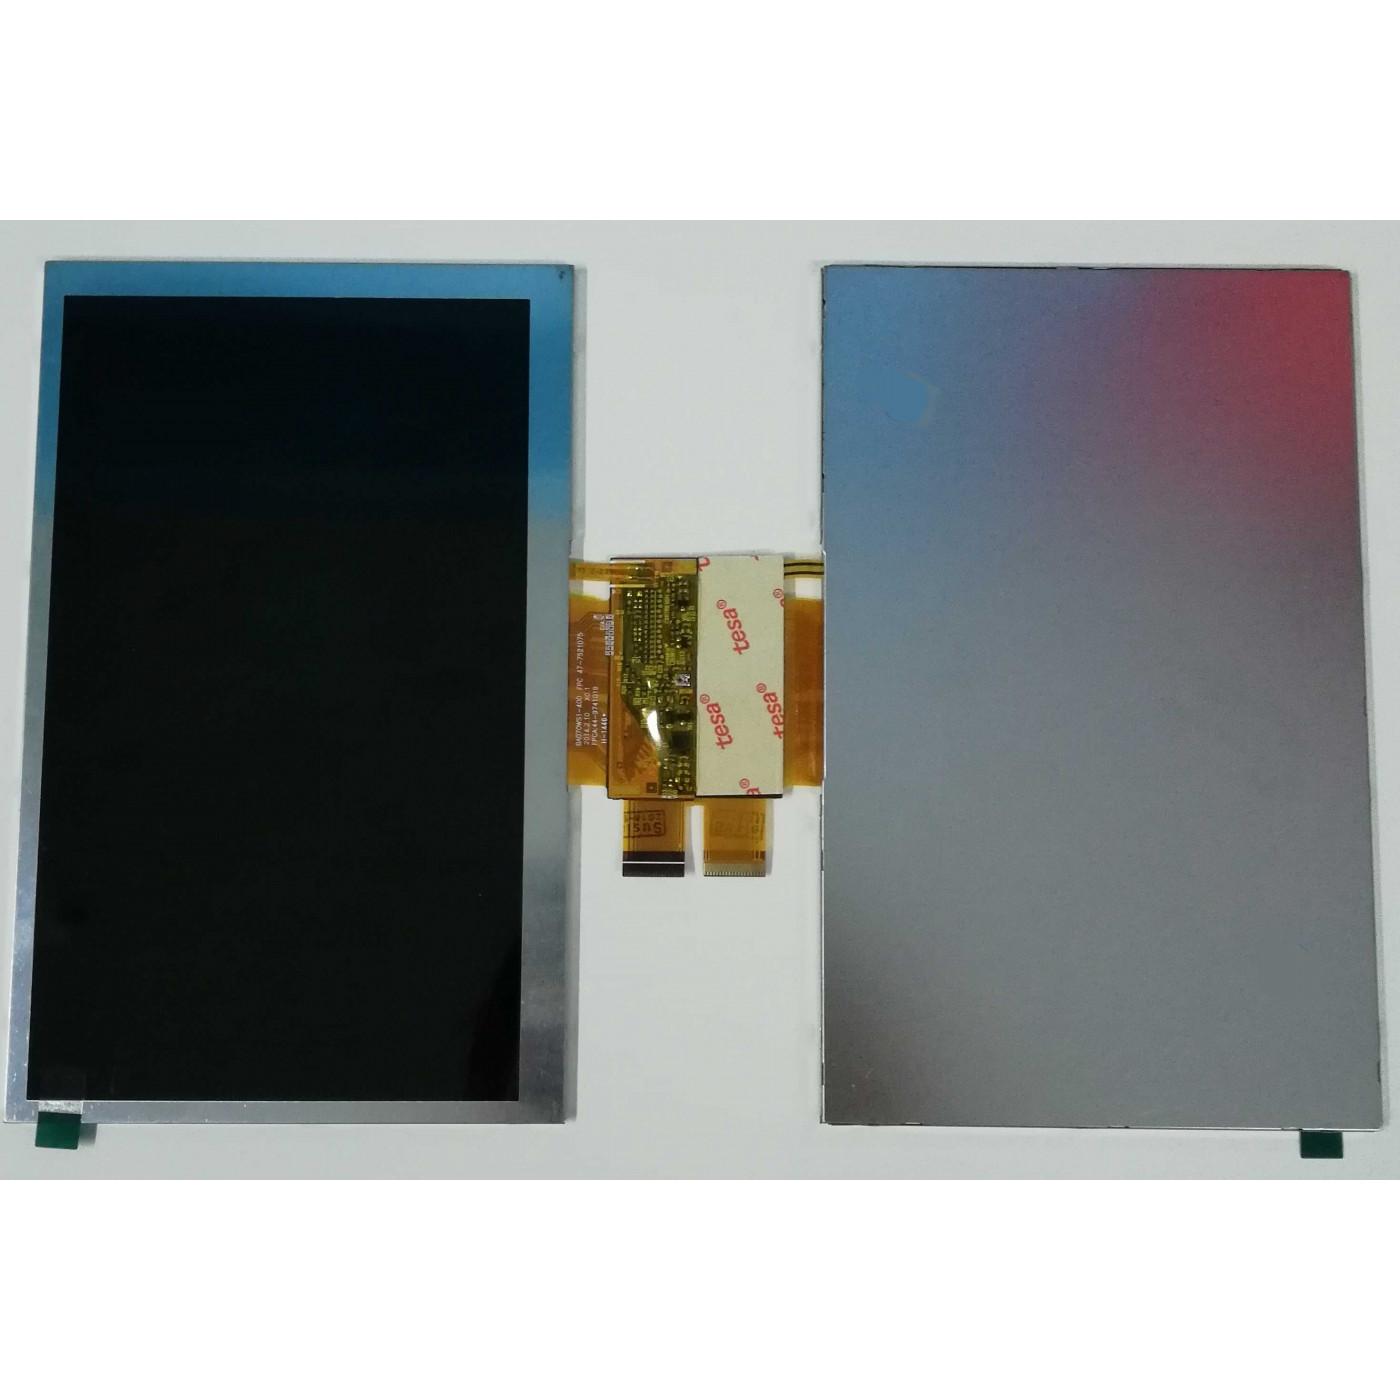 PANTALLA LCD SAMSUNG GALAXY TAB 3 T110 T111 SM LITE MONITOR PANTALLA